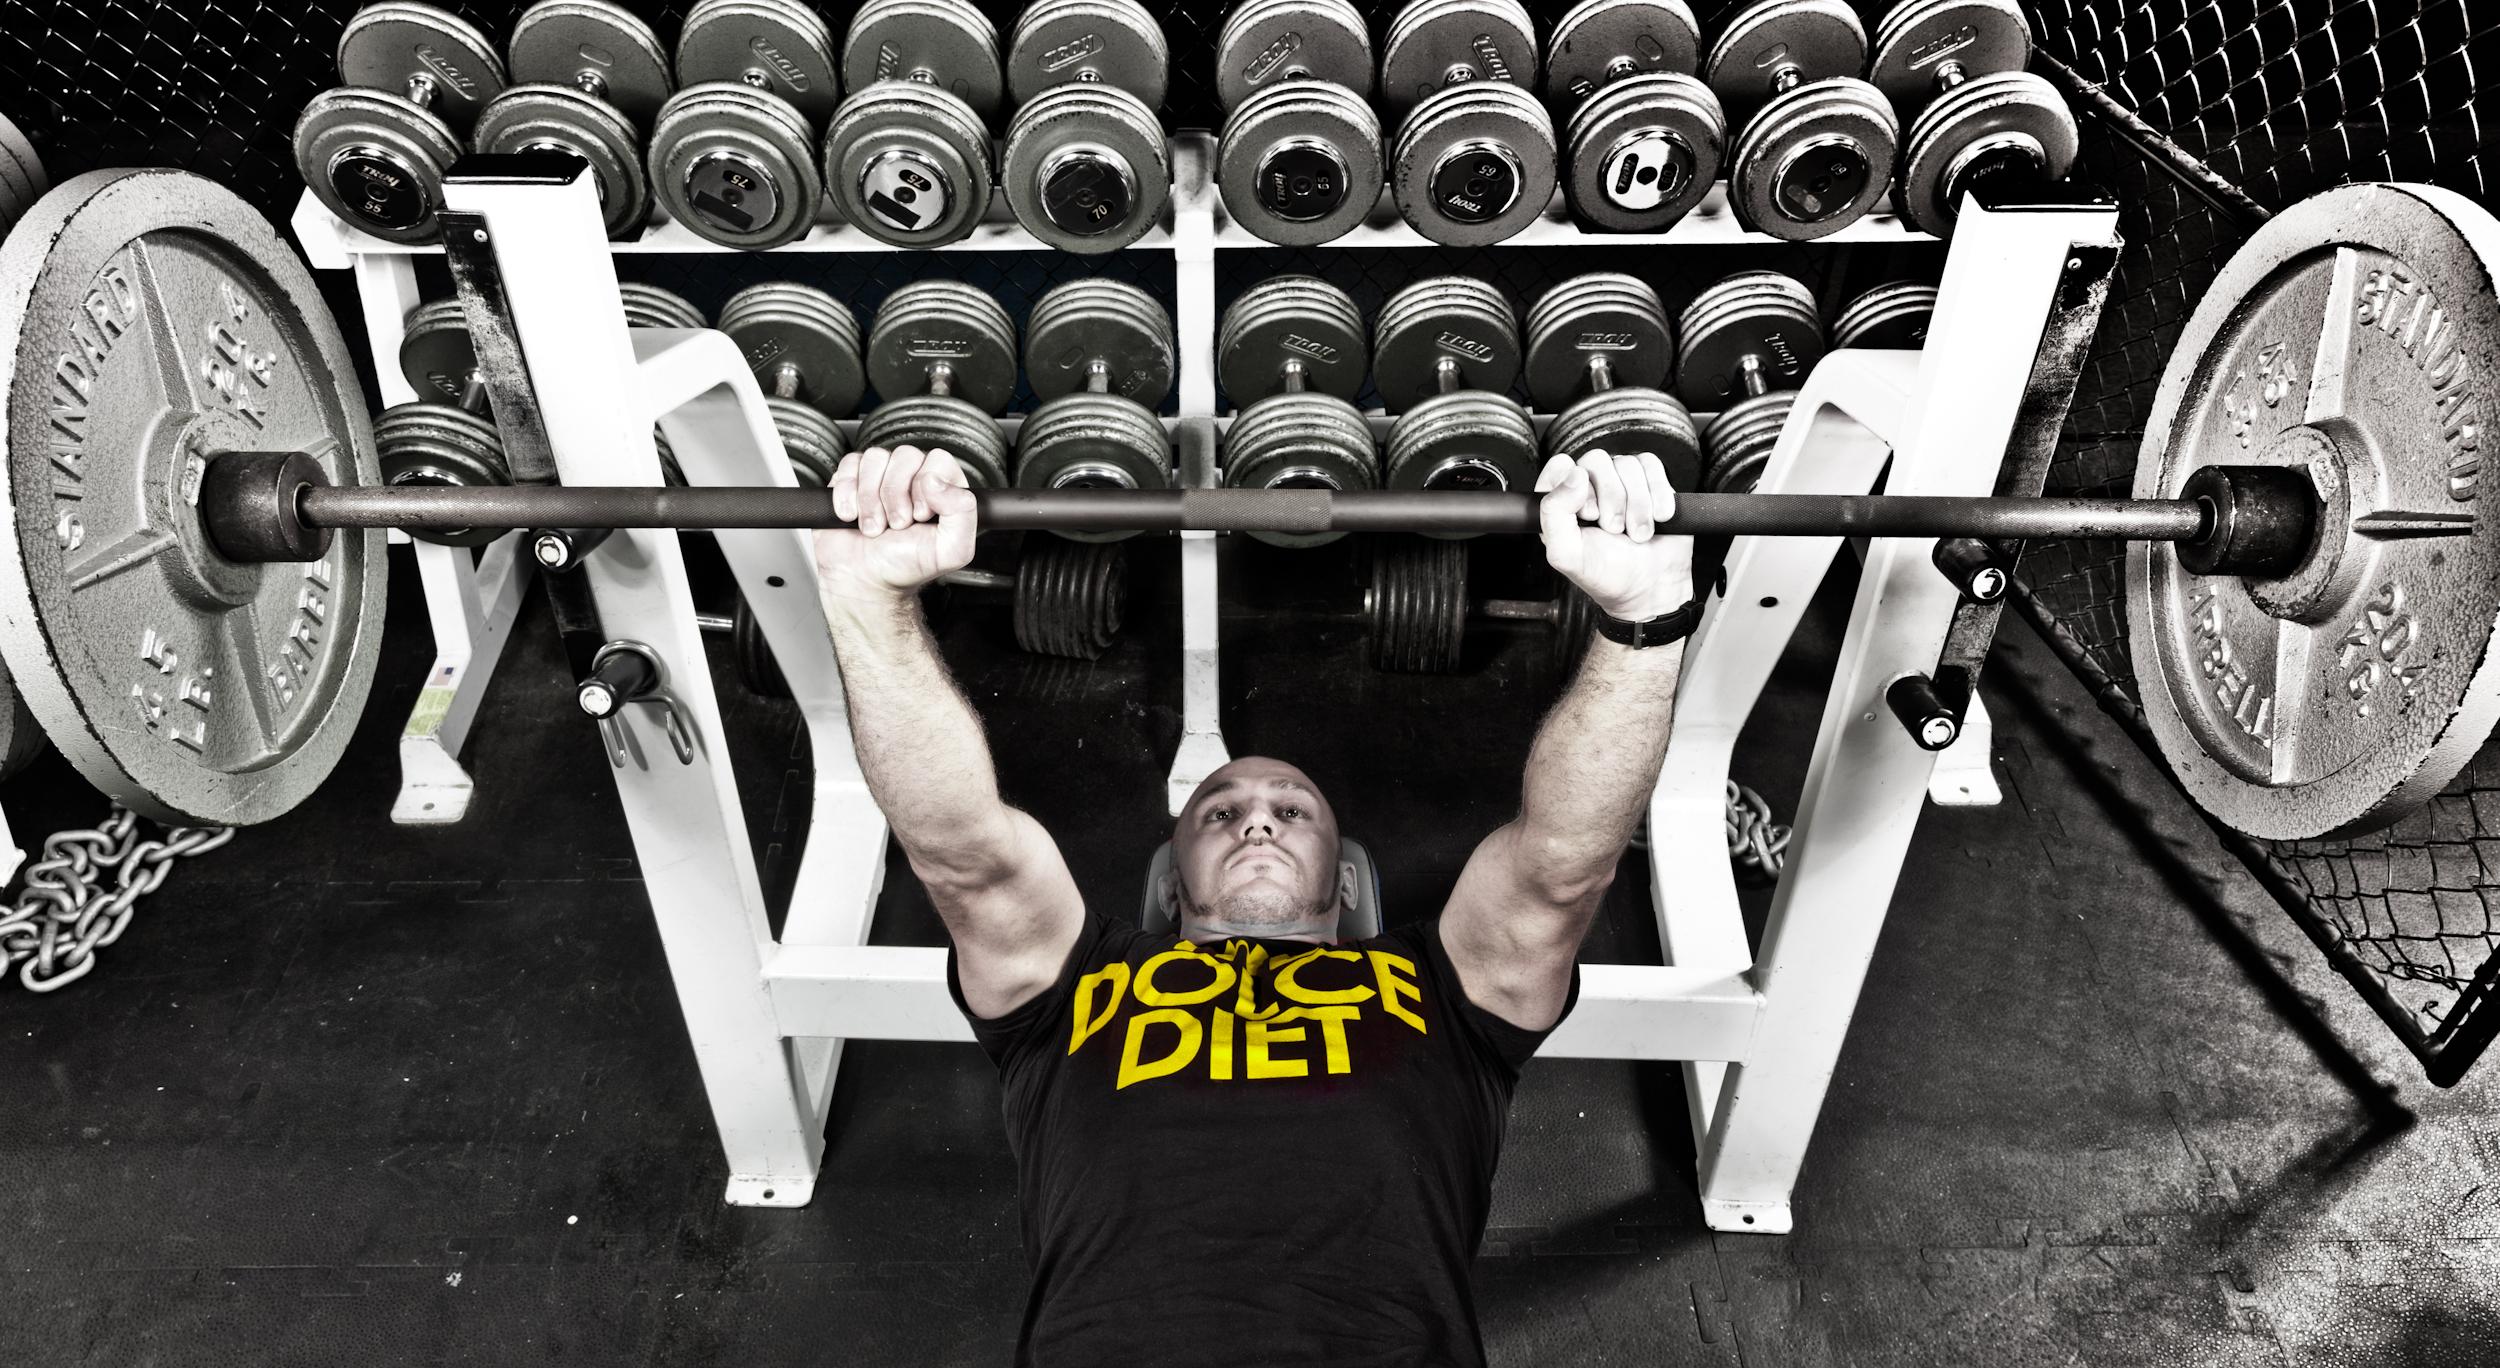 Arnold Schwarzenegger trainingsschema voor de borst 2